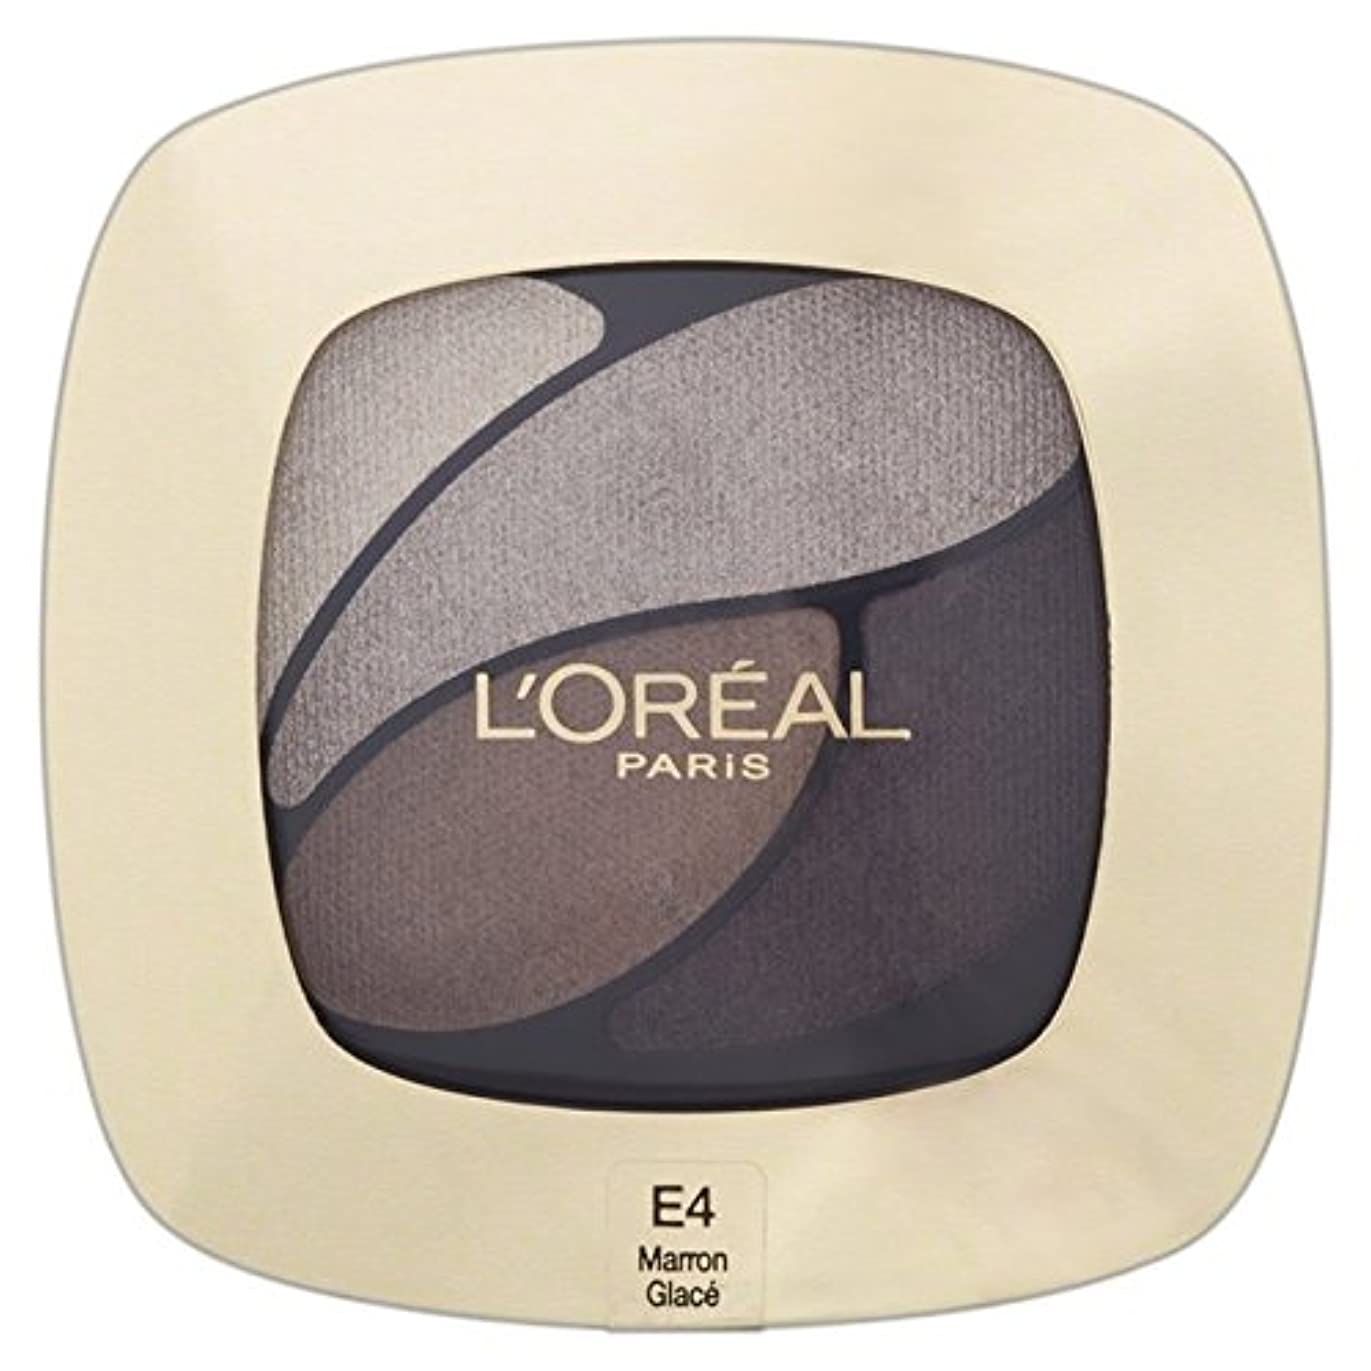 カフェ夕方分注するL'Oreal Paris Color Riche Quad, E4 Absolutely Taupe 30g (Pack of 6) - ロレアルパリのカラーリッシュクワッド、4絶対トープ30グラム x6 [並行輸入品]